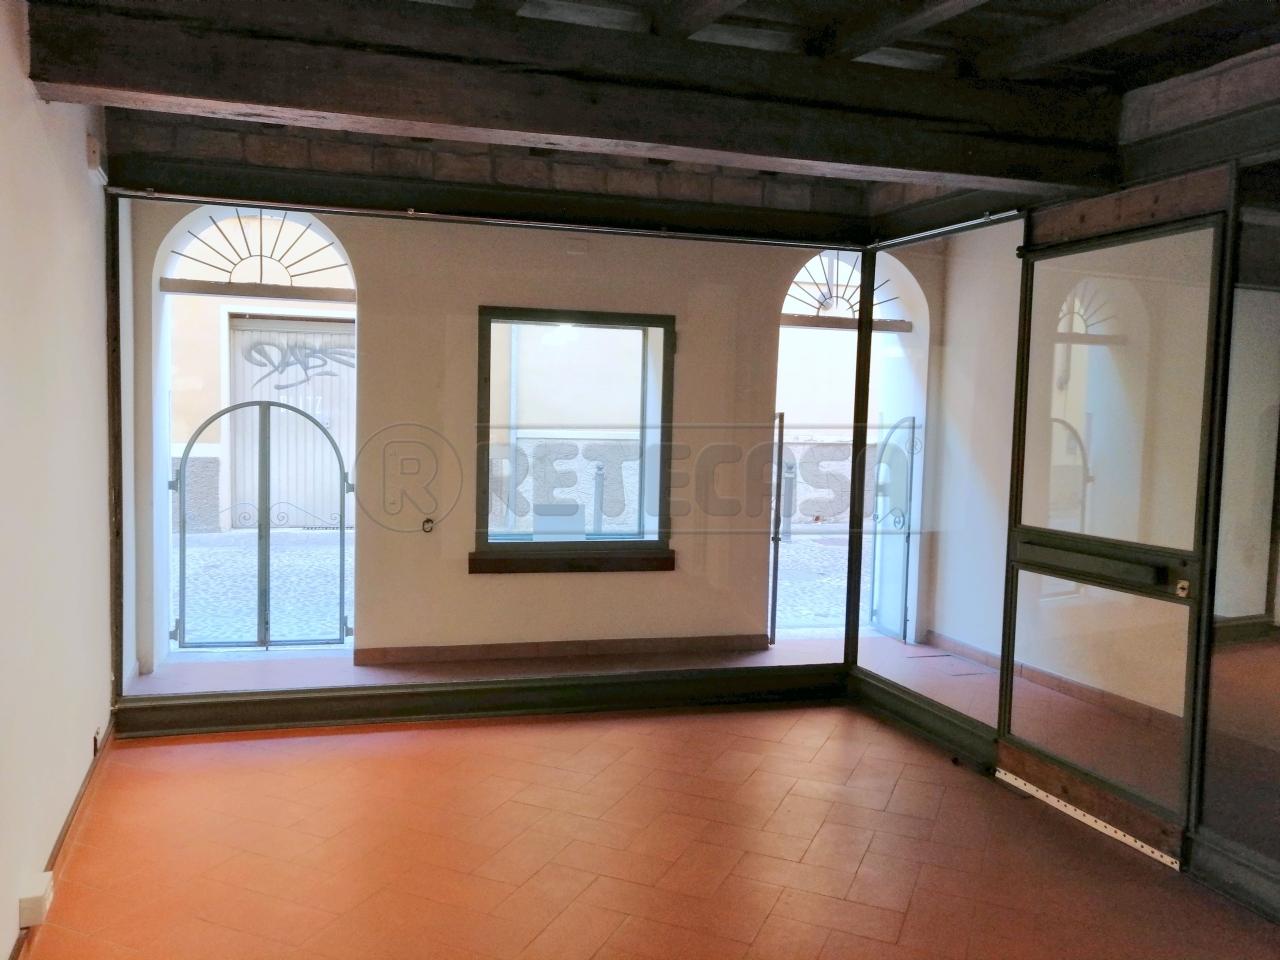 Ufficio / Studio in affitto a Mantova, 2 locali, prezzo € 450 | CambioCasa.it